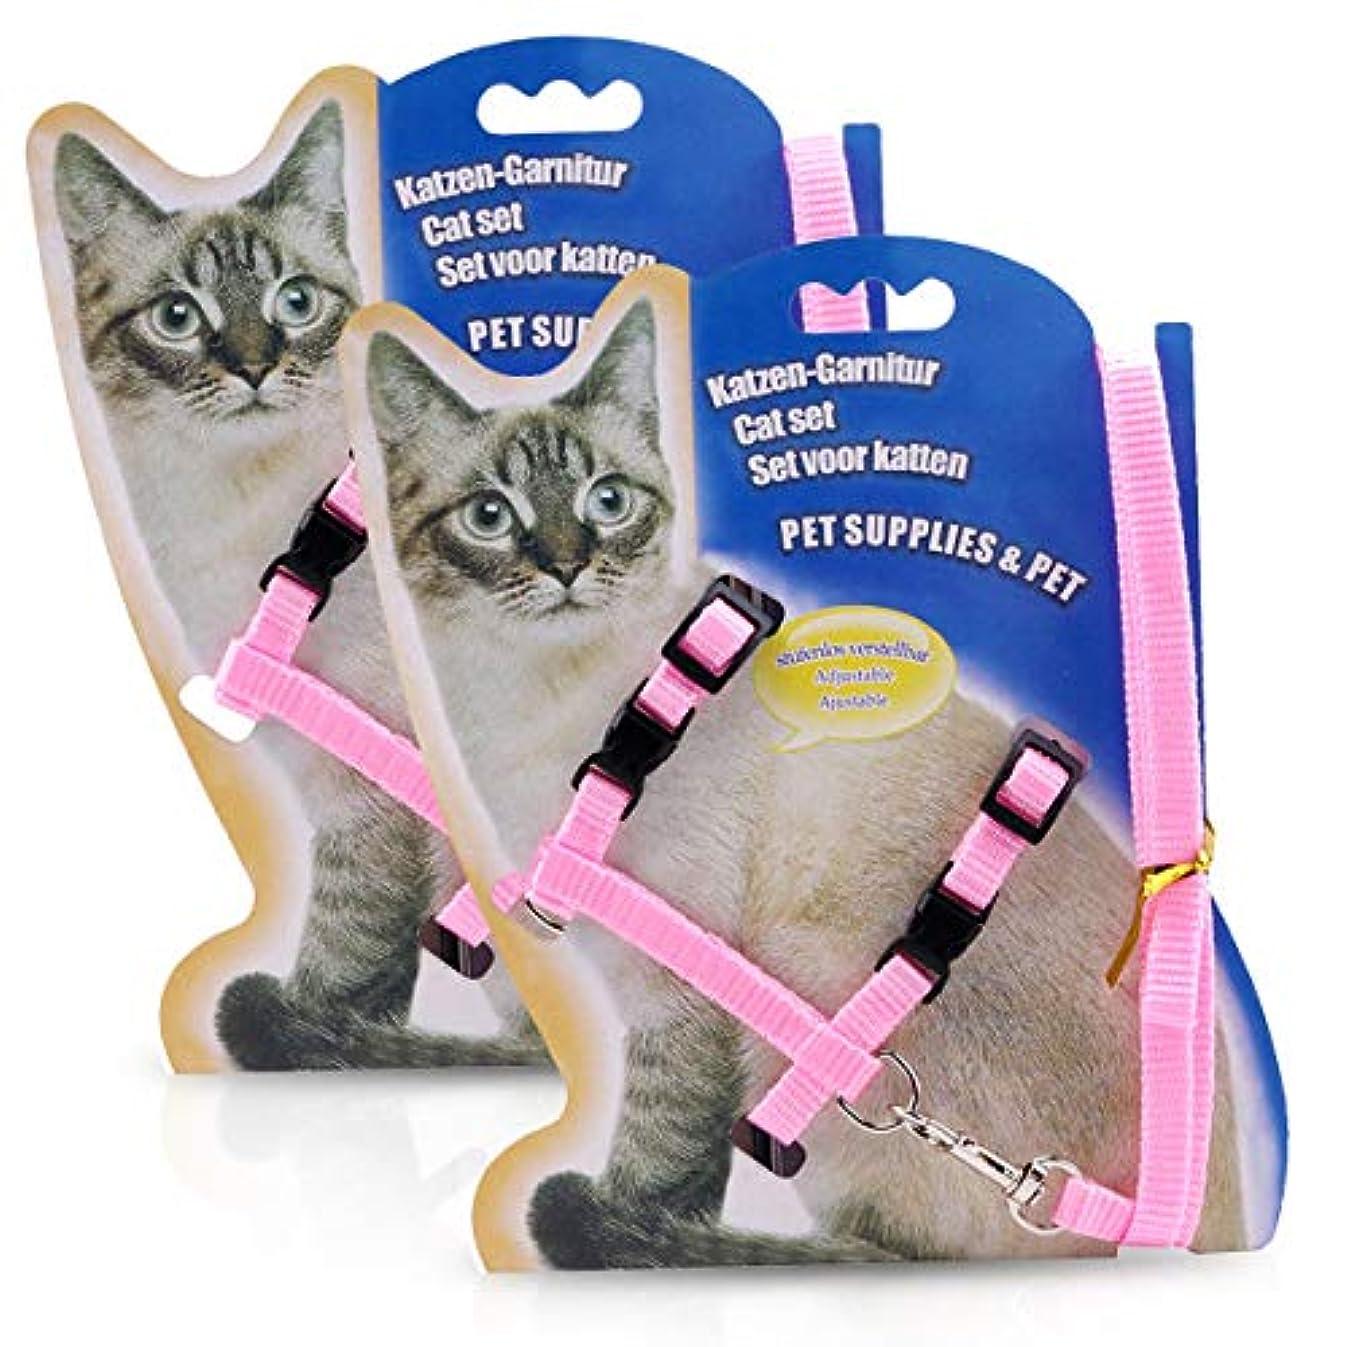 連隊精緻化代表PETCUTE 猫用ハーネス リード ネコ ハーネス 2点セット バックル付 かわいい 軽量 束縛感なし 調節可能 お散歩 お出かけ しつけ用品 猫用品 ピンク